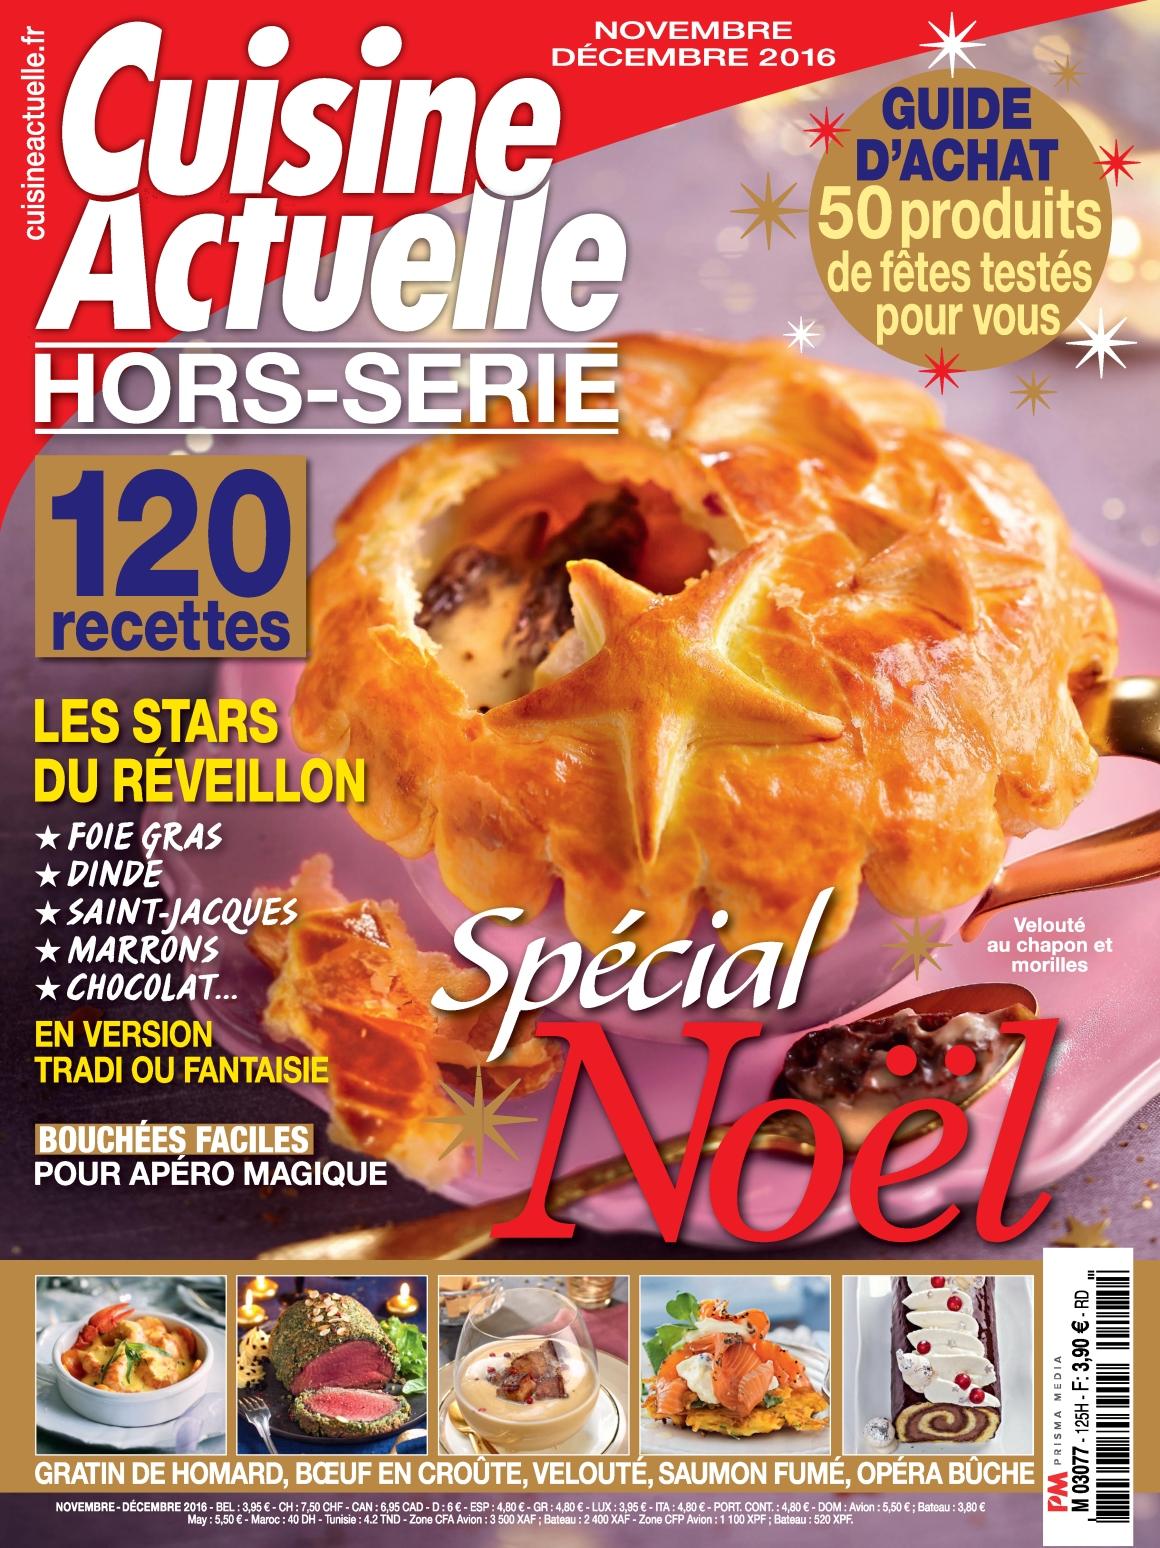 Cuisine Actuelle Hors-Série N°125 - Novembre/Décembre 2016